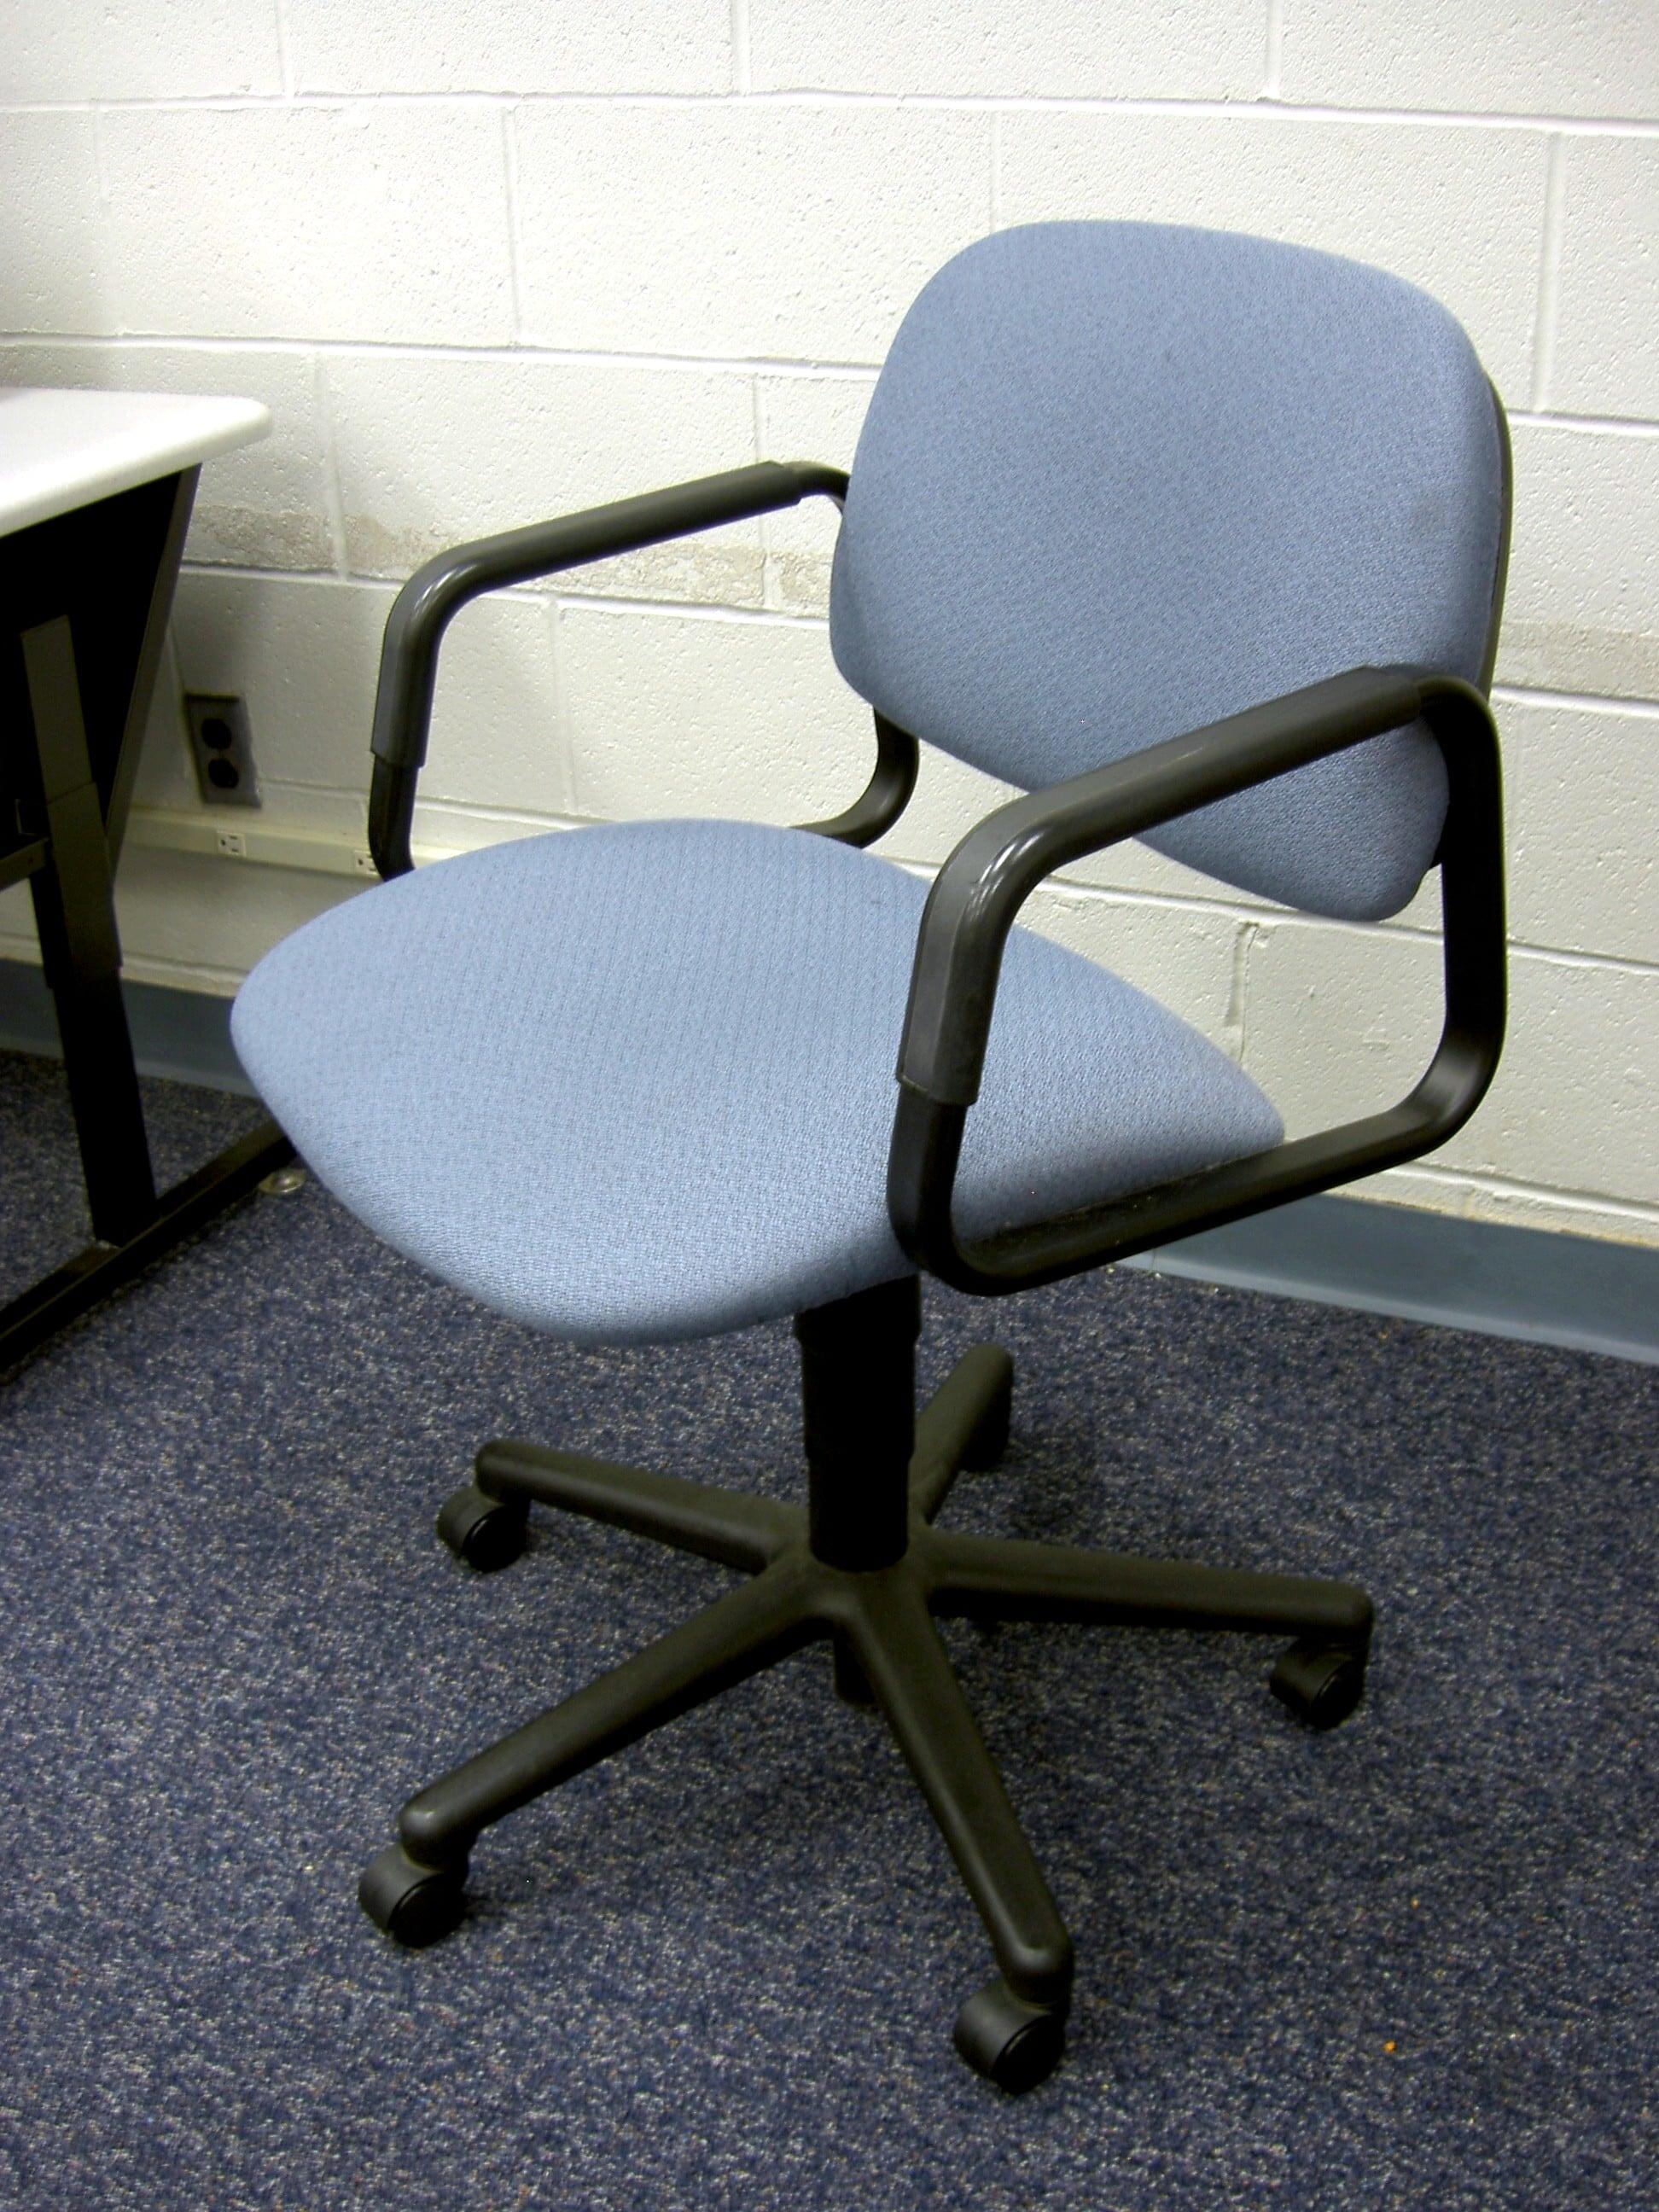 liability chair injury